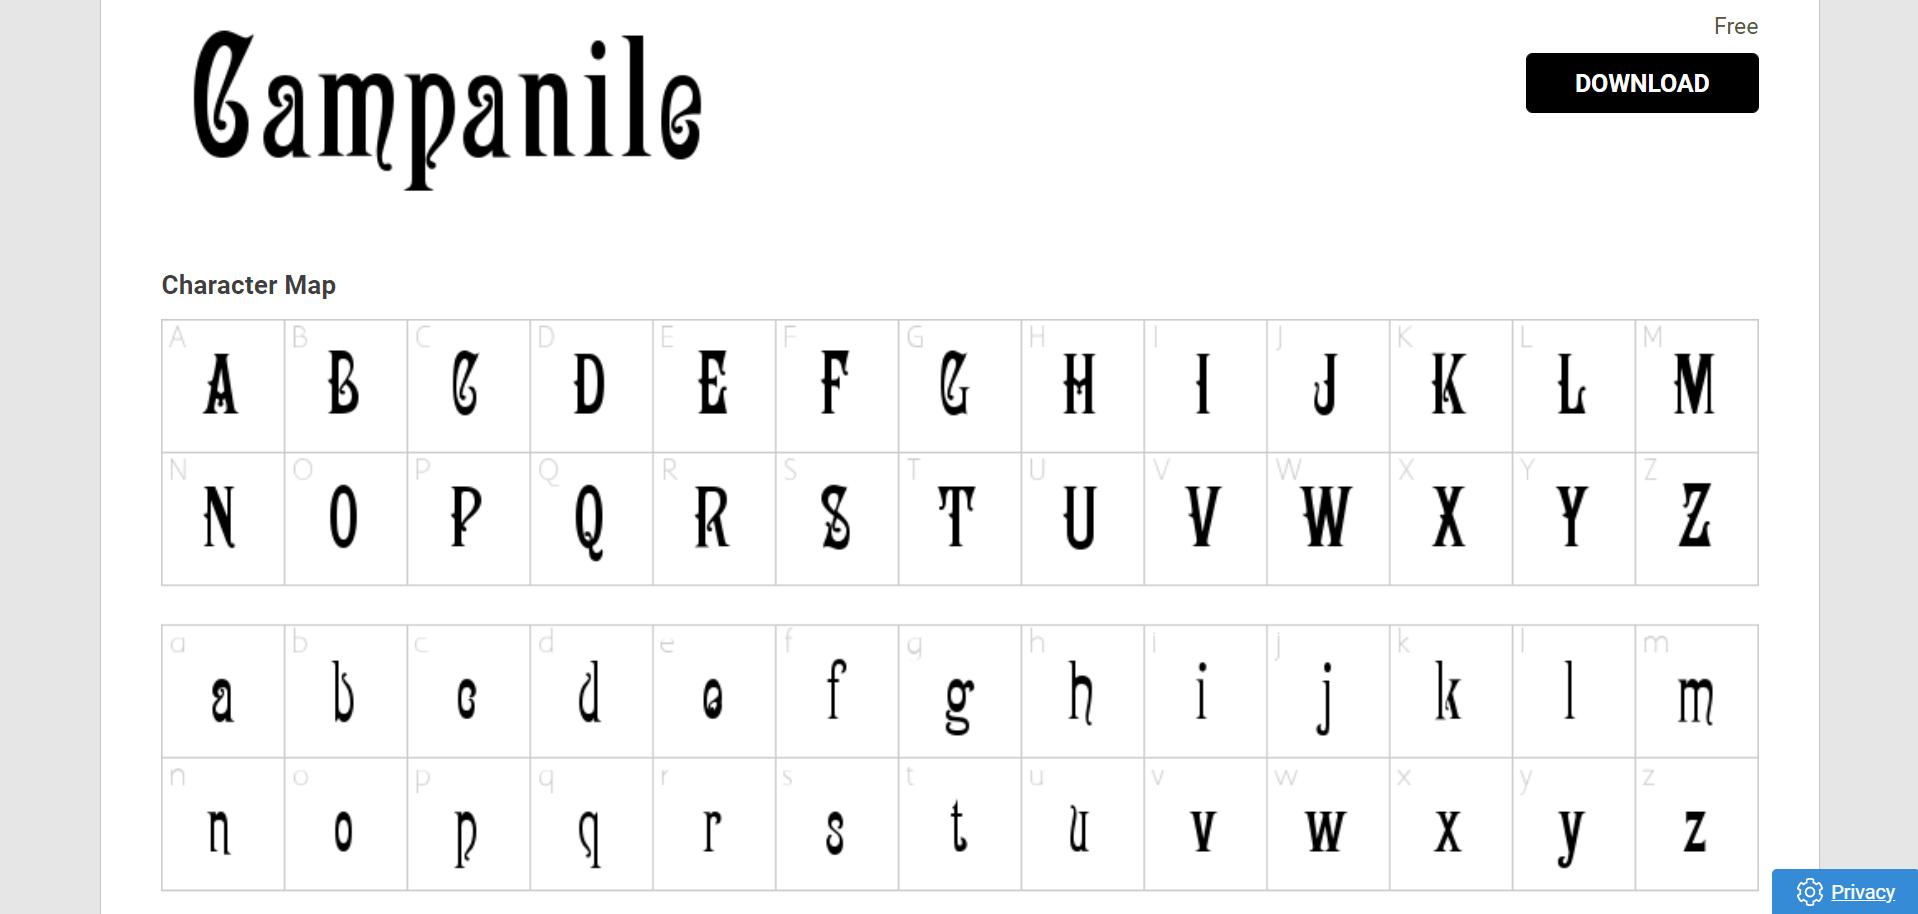 tendances-logo2.jpg